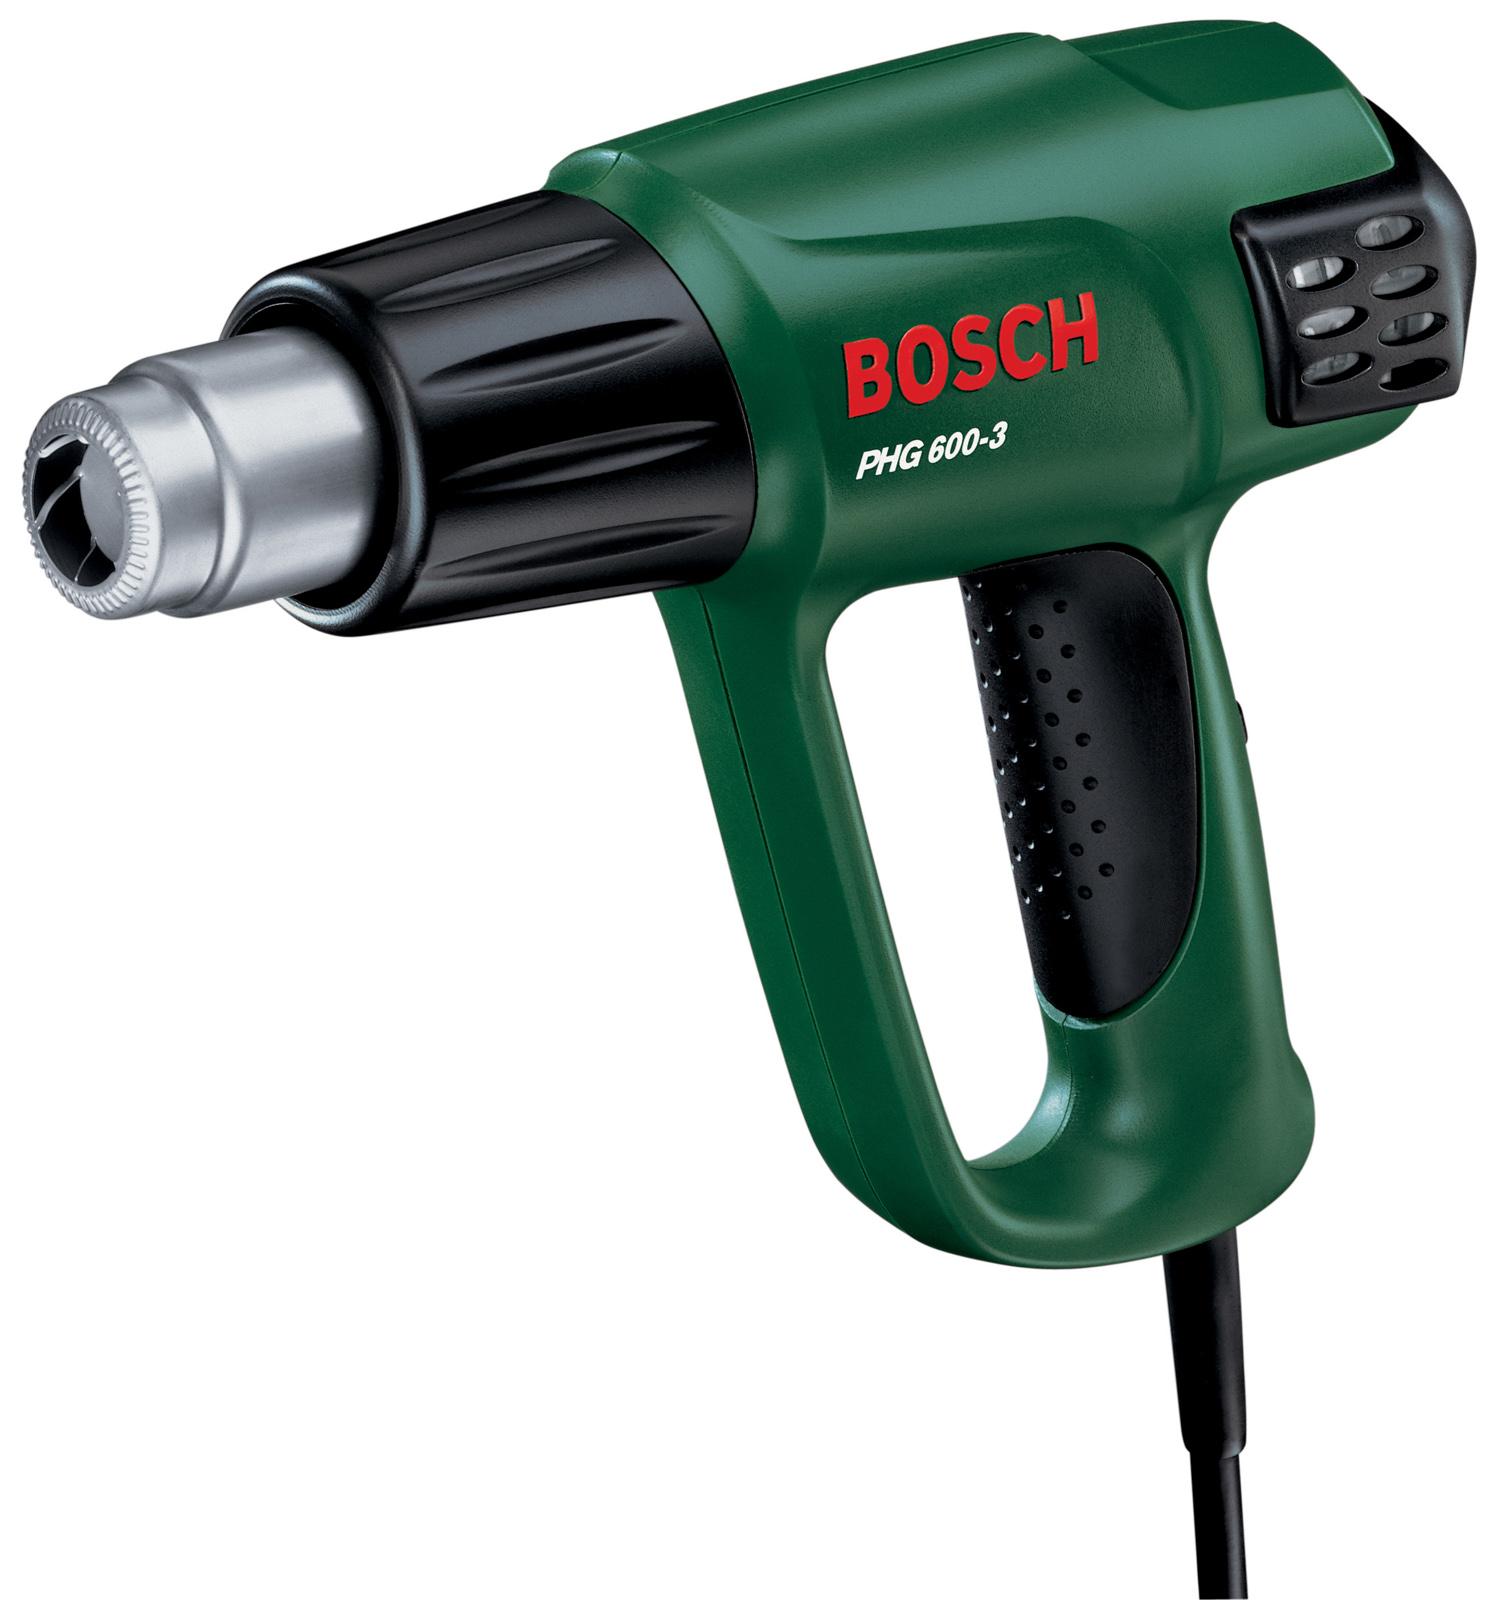 Фен технический BoschФены технические<br>Мощность: 1800, Температура: 50/400/600, Макс. температура: 600, Регулировка температуры: ступенчатая, Расход воздуха: 250/350/500, Защита от перегрева: есть, Поставляется в: коробке, Вес нетто: 0.8<br>